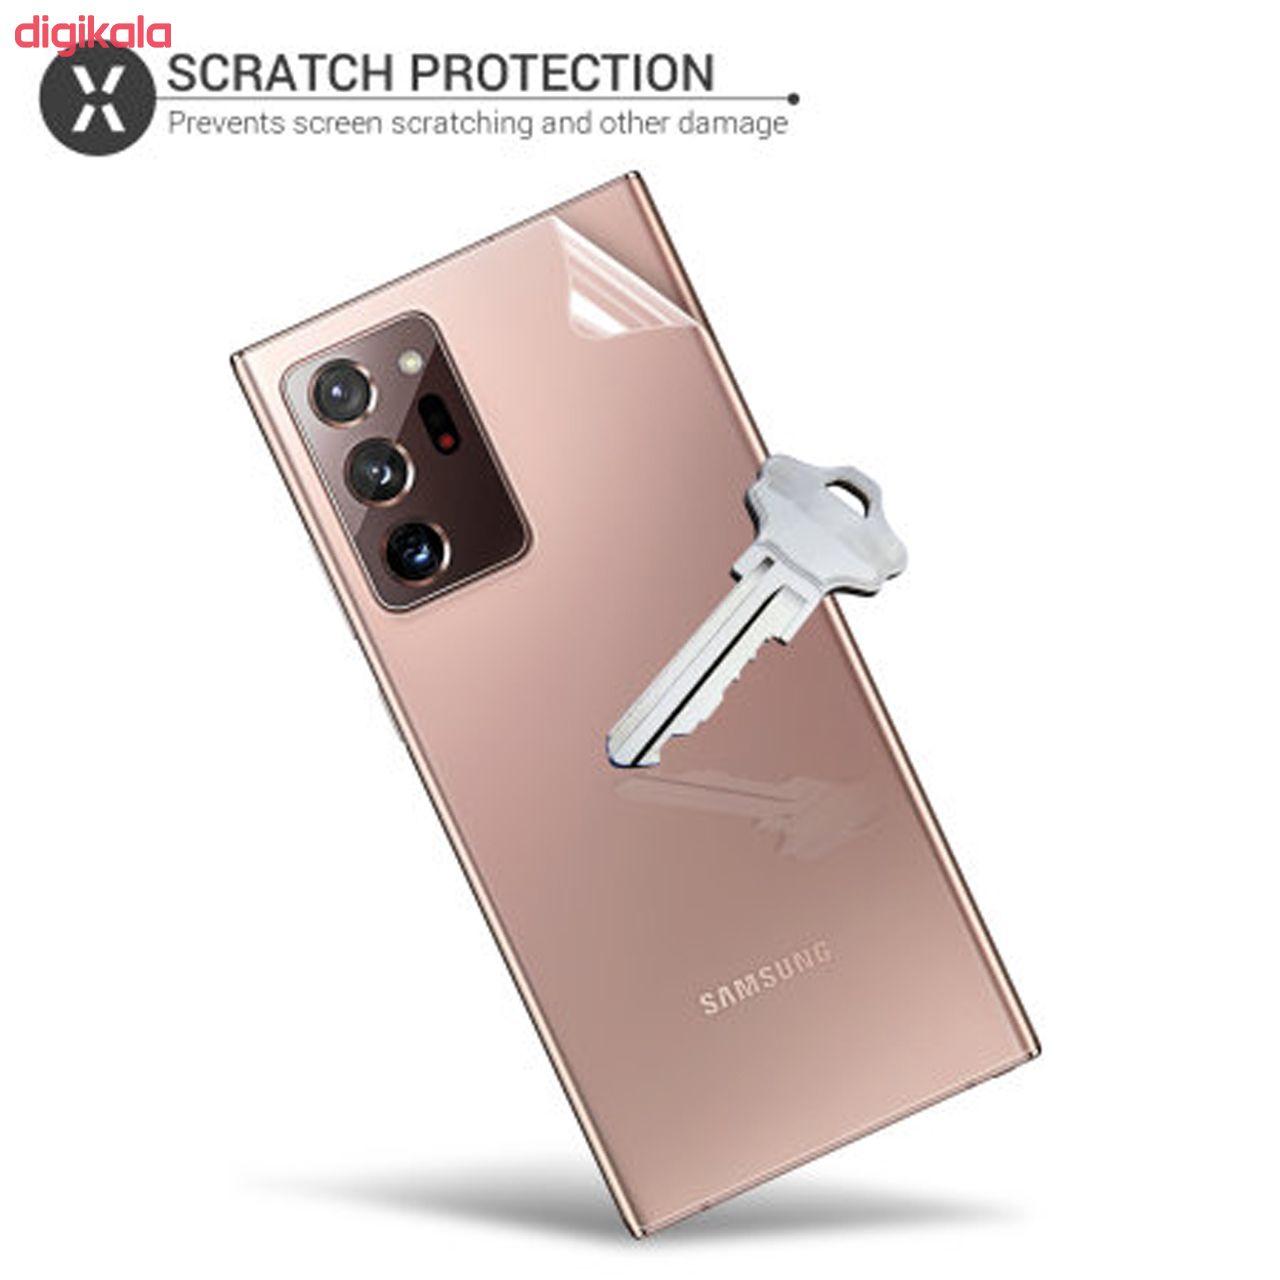 محافظ پشت گوشی پنتاکس مدل BPro مناسب برای گوشی موبایل سامسونگ Galaxy Note 20 ultra main 1 3